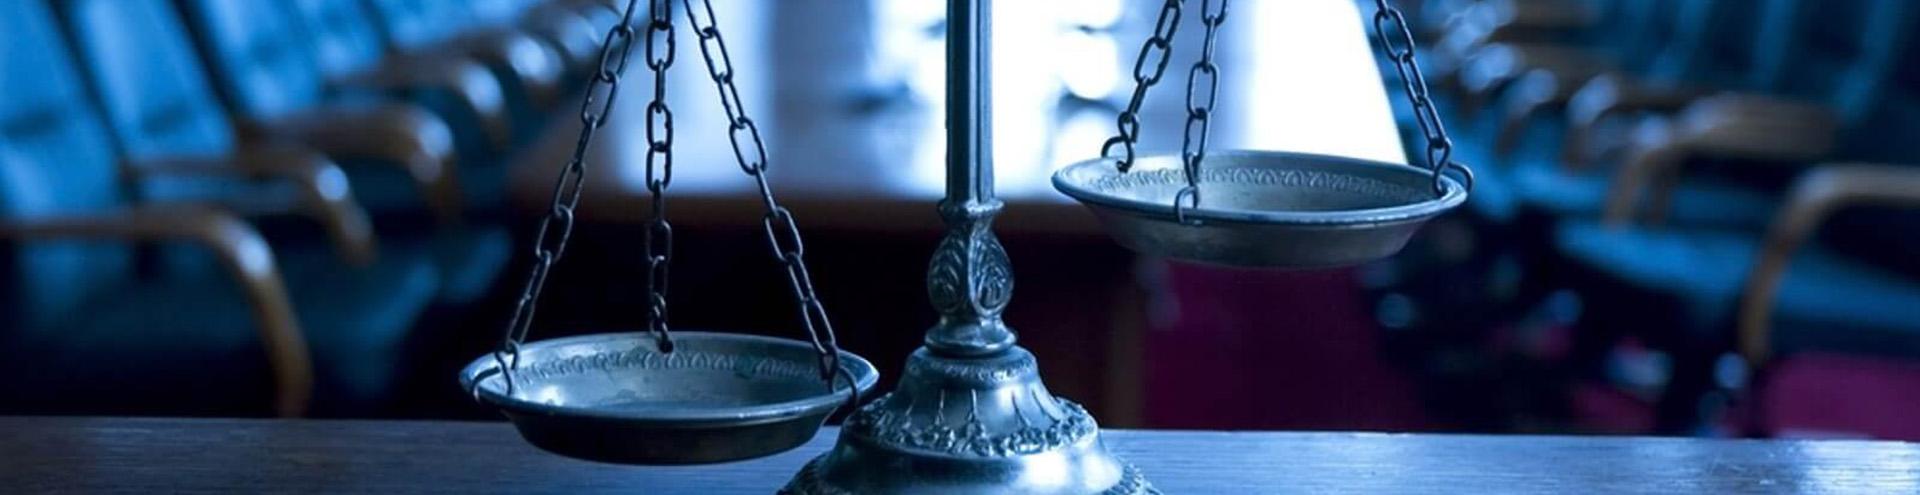 юридические услуги в Туле